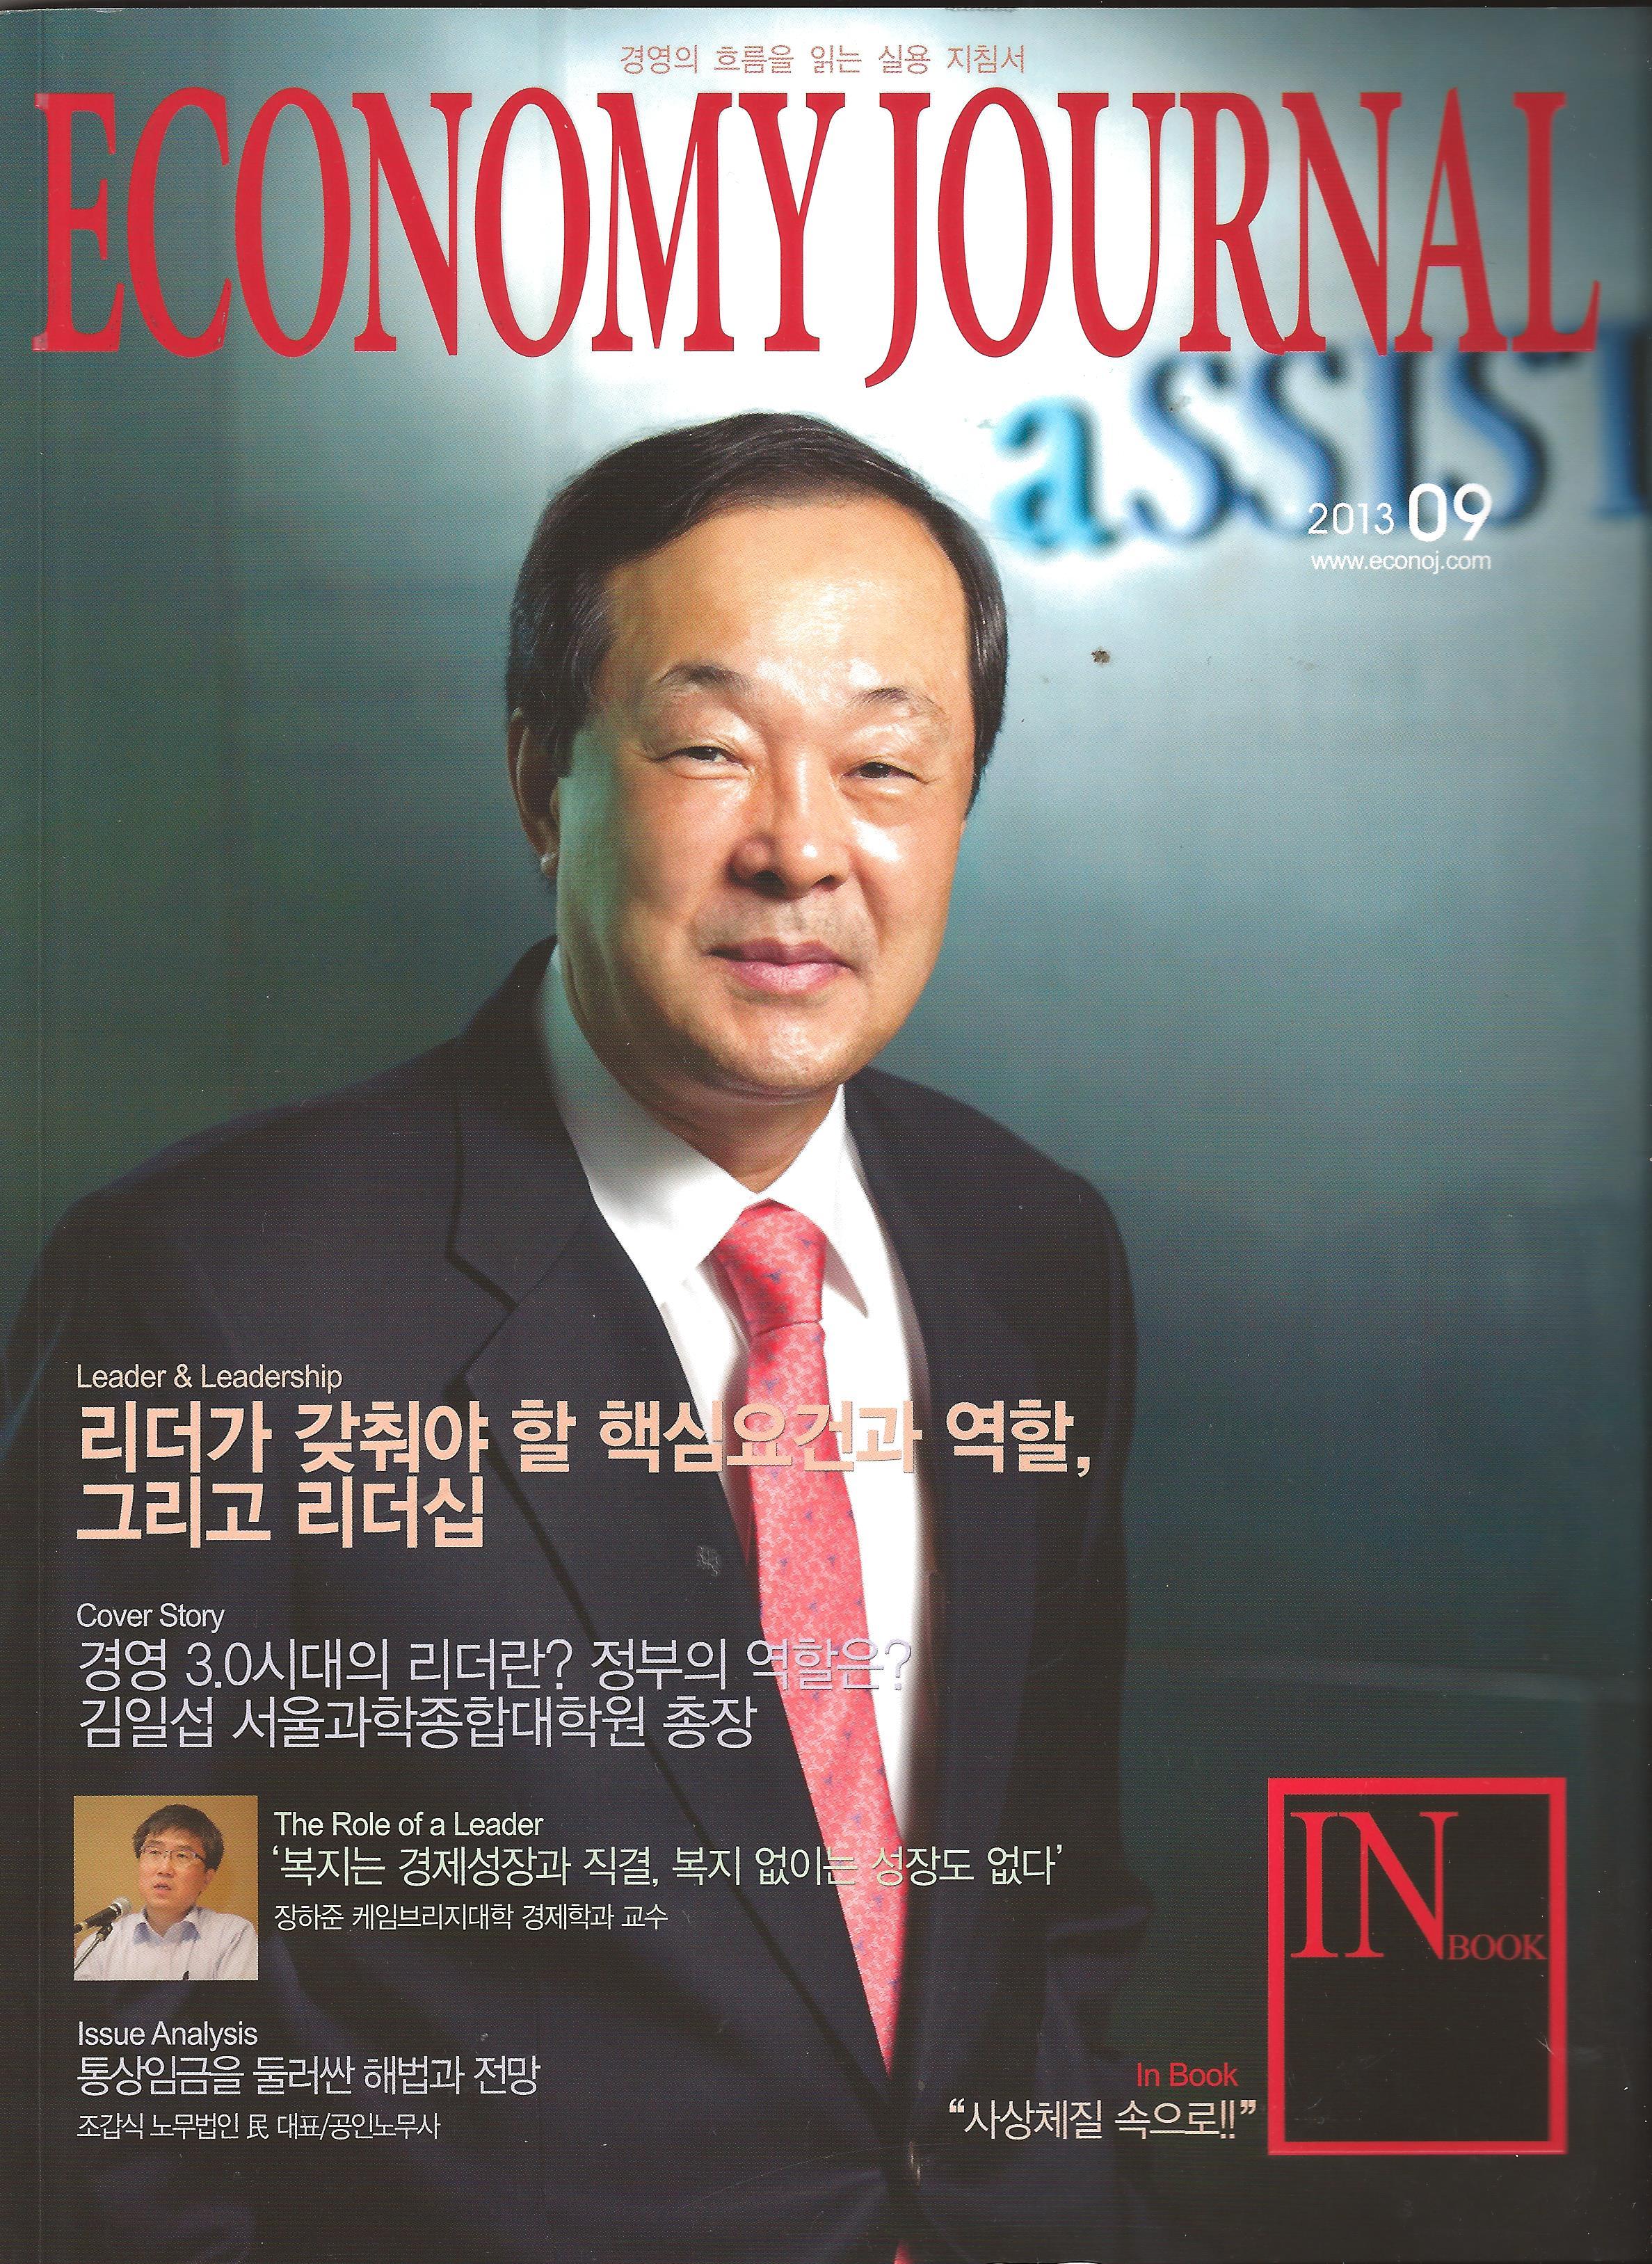 2013-9 Economy journal cover.jpg